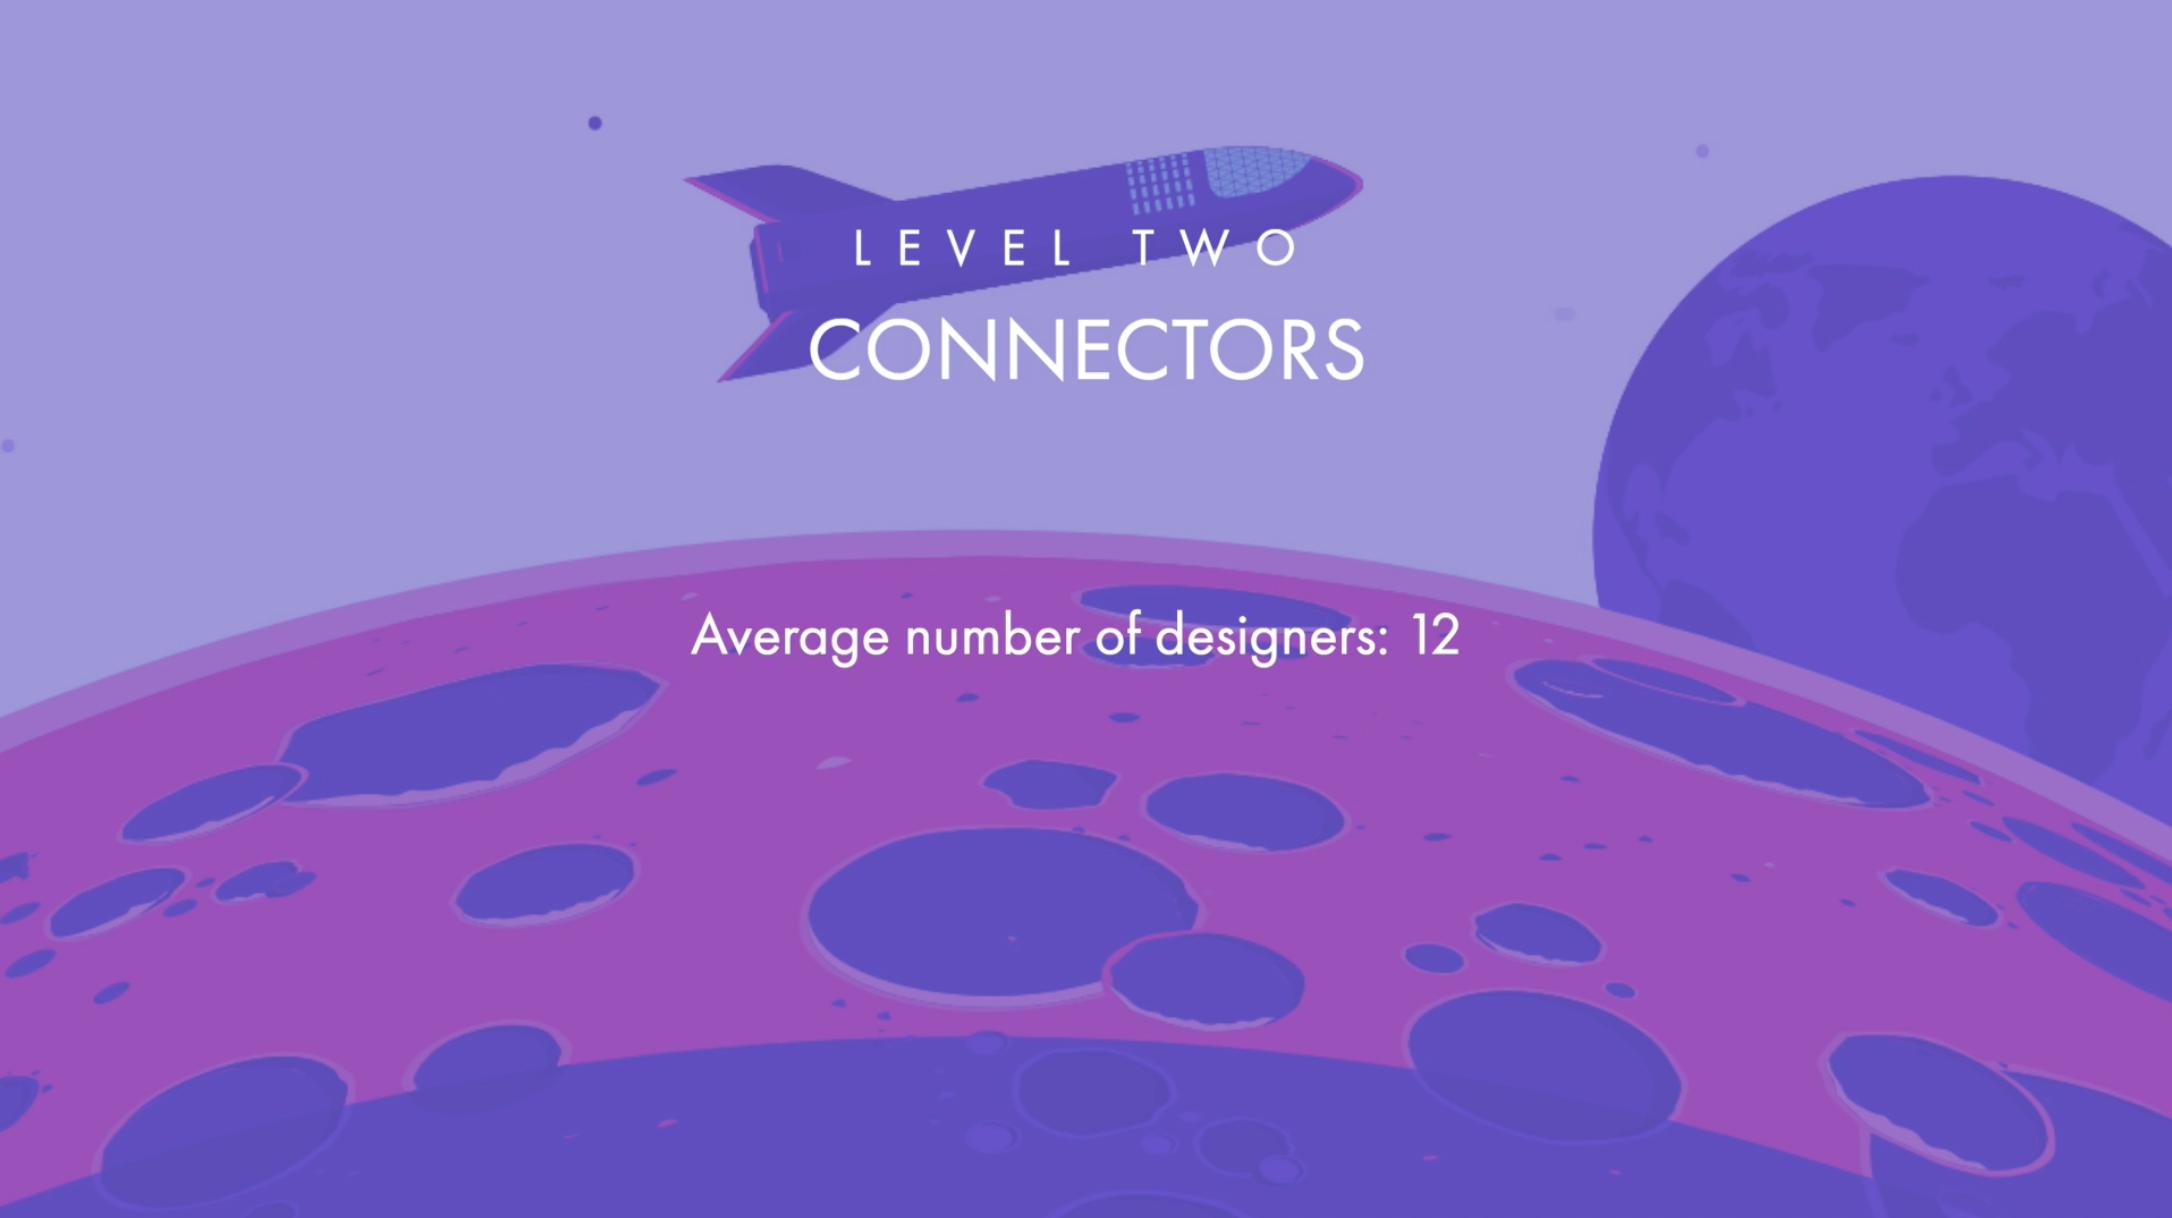 Level 2- Connectors